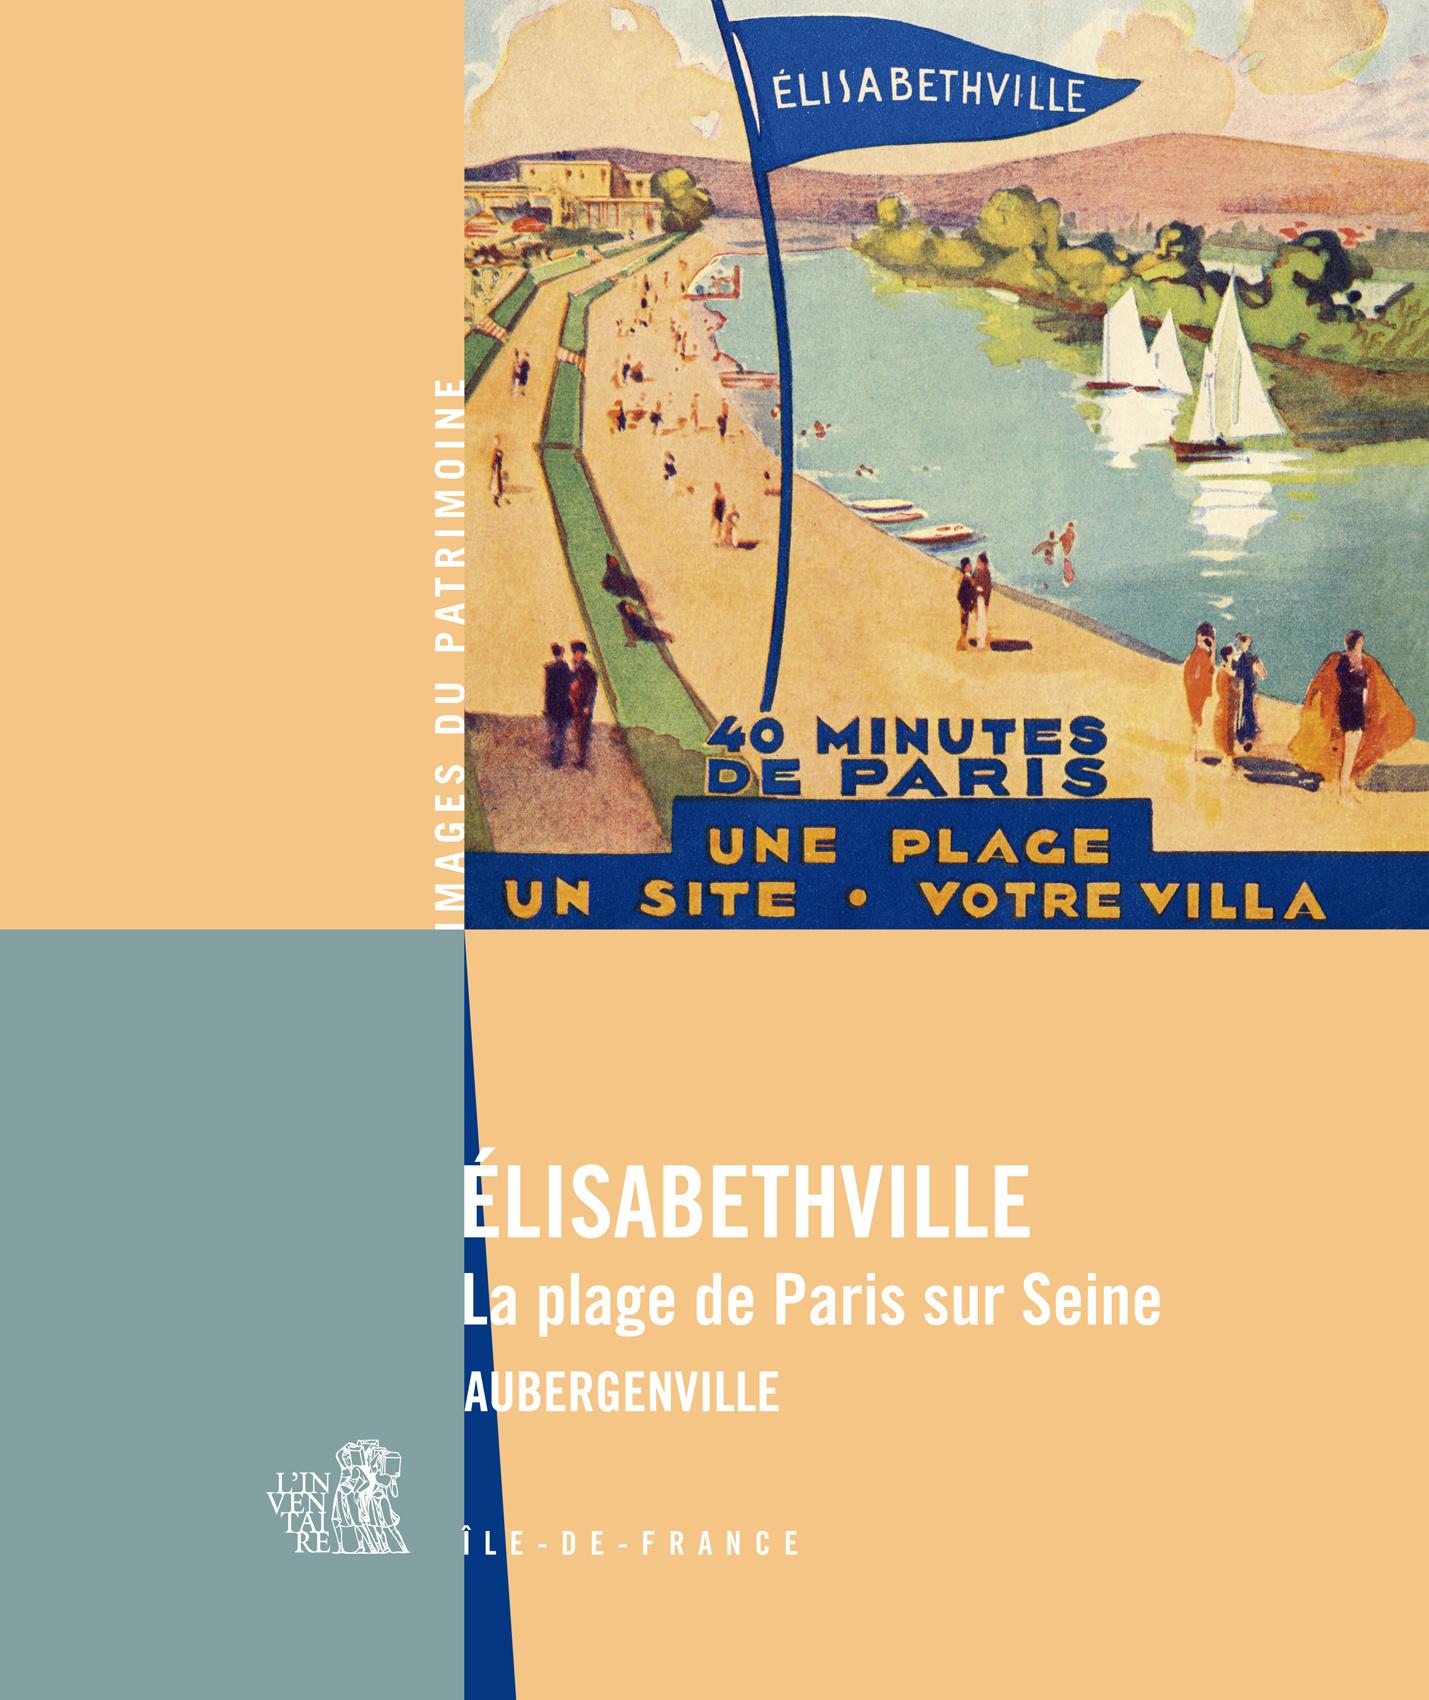 Elisabethville la plage de paris sur seine aubergenville patrimoines - Piscine plage paris asnieres sur seine ...